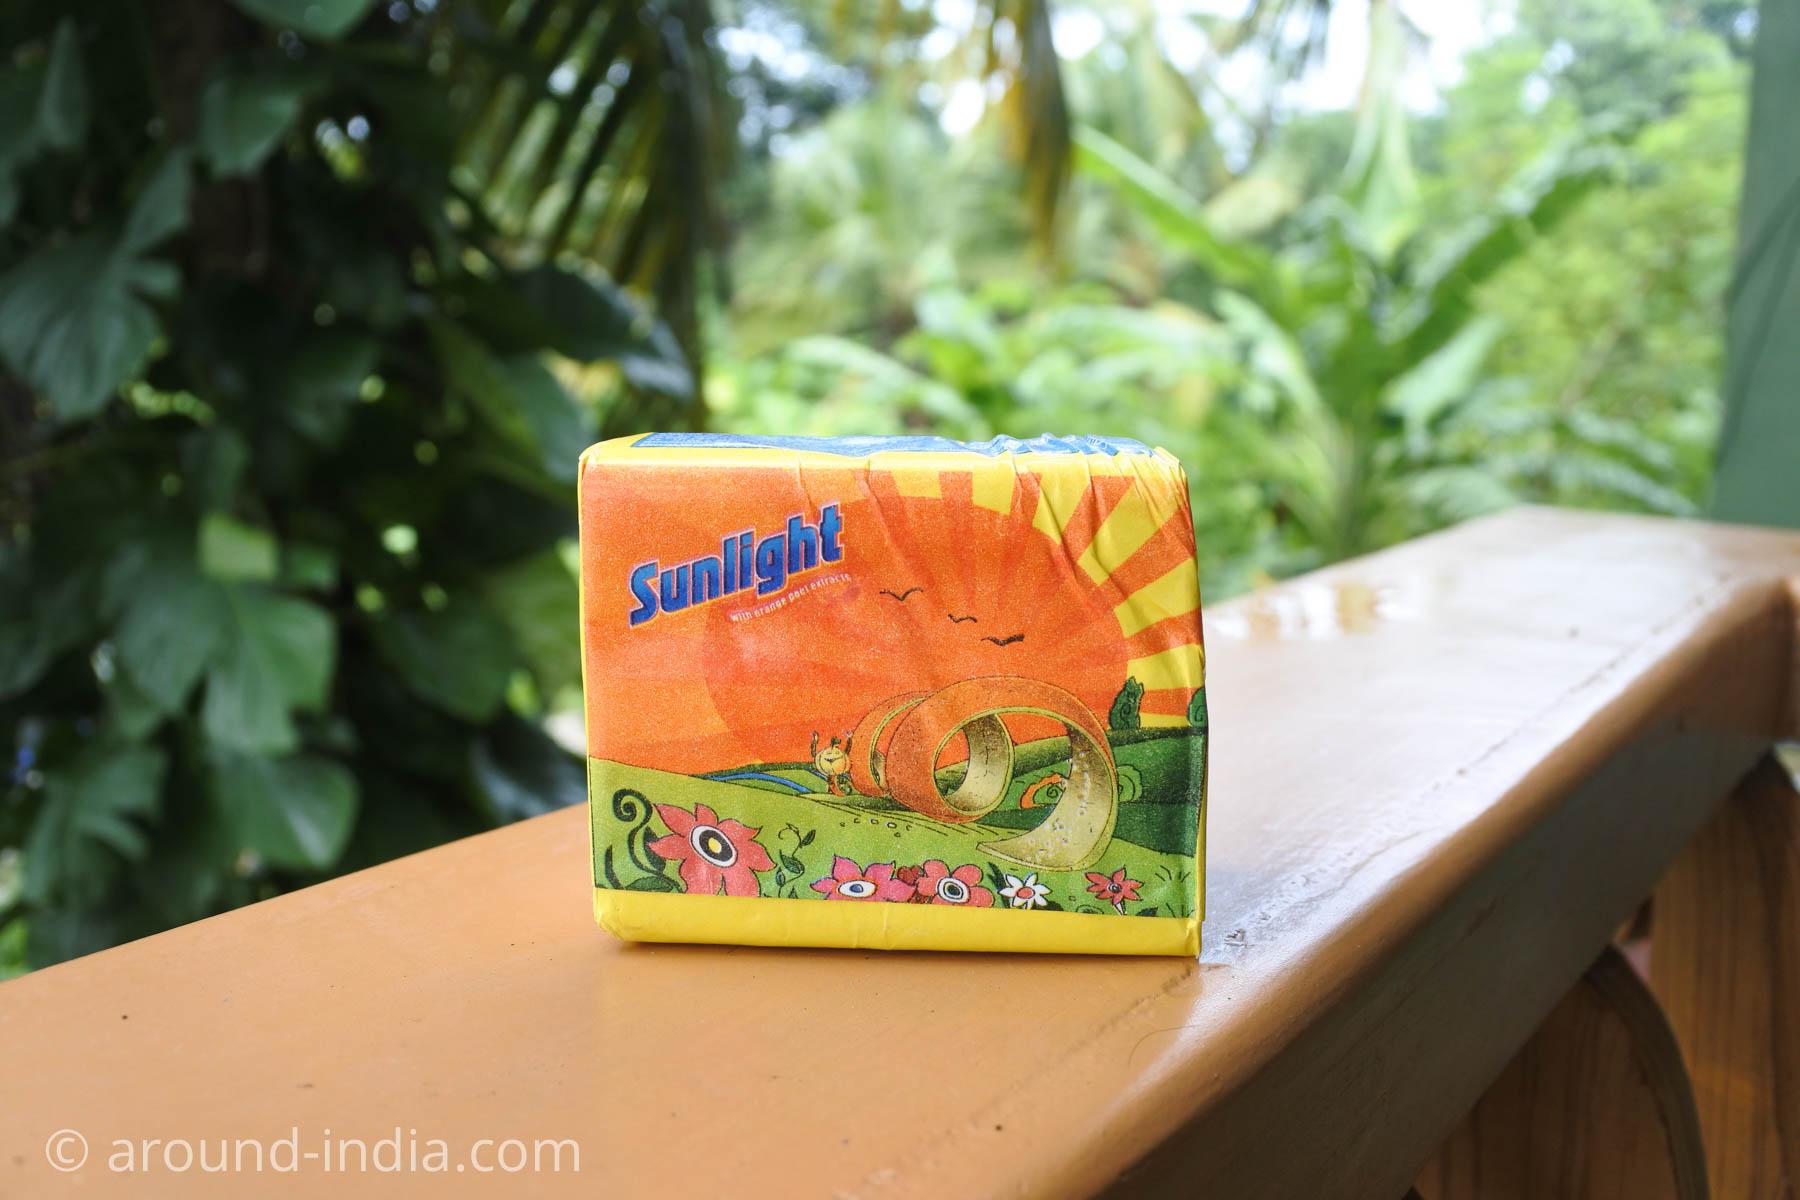 インドの洗濯石鹸 sunlight パッケージ1